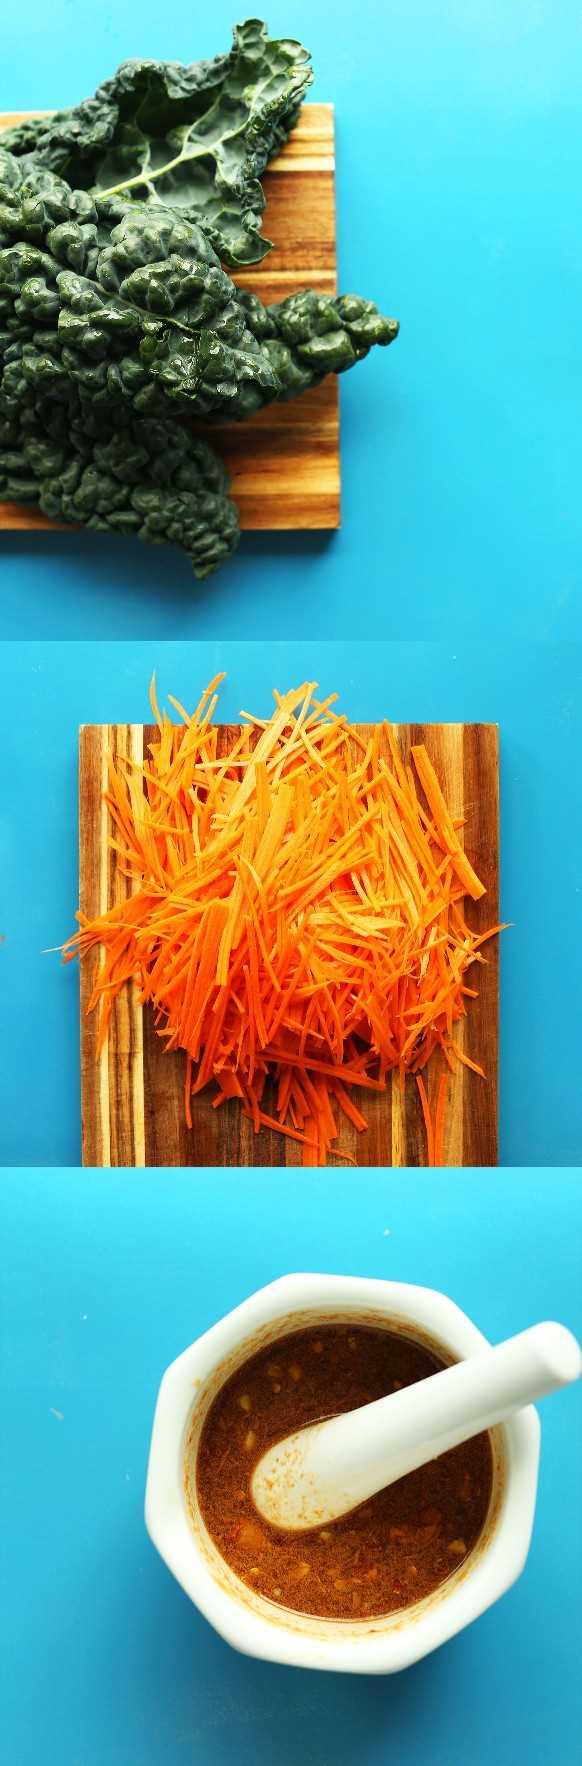 Fotos de col rizada, zanahorias ralladas y aderezo para nuestra receta Easy Thai Carrot Salad